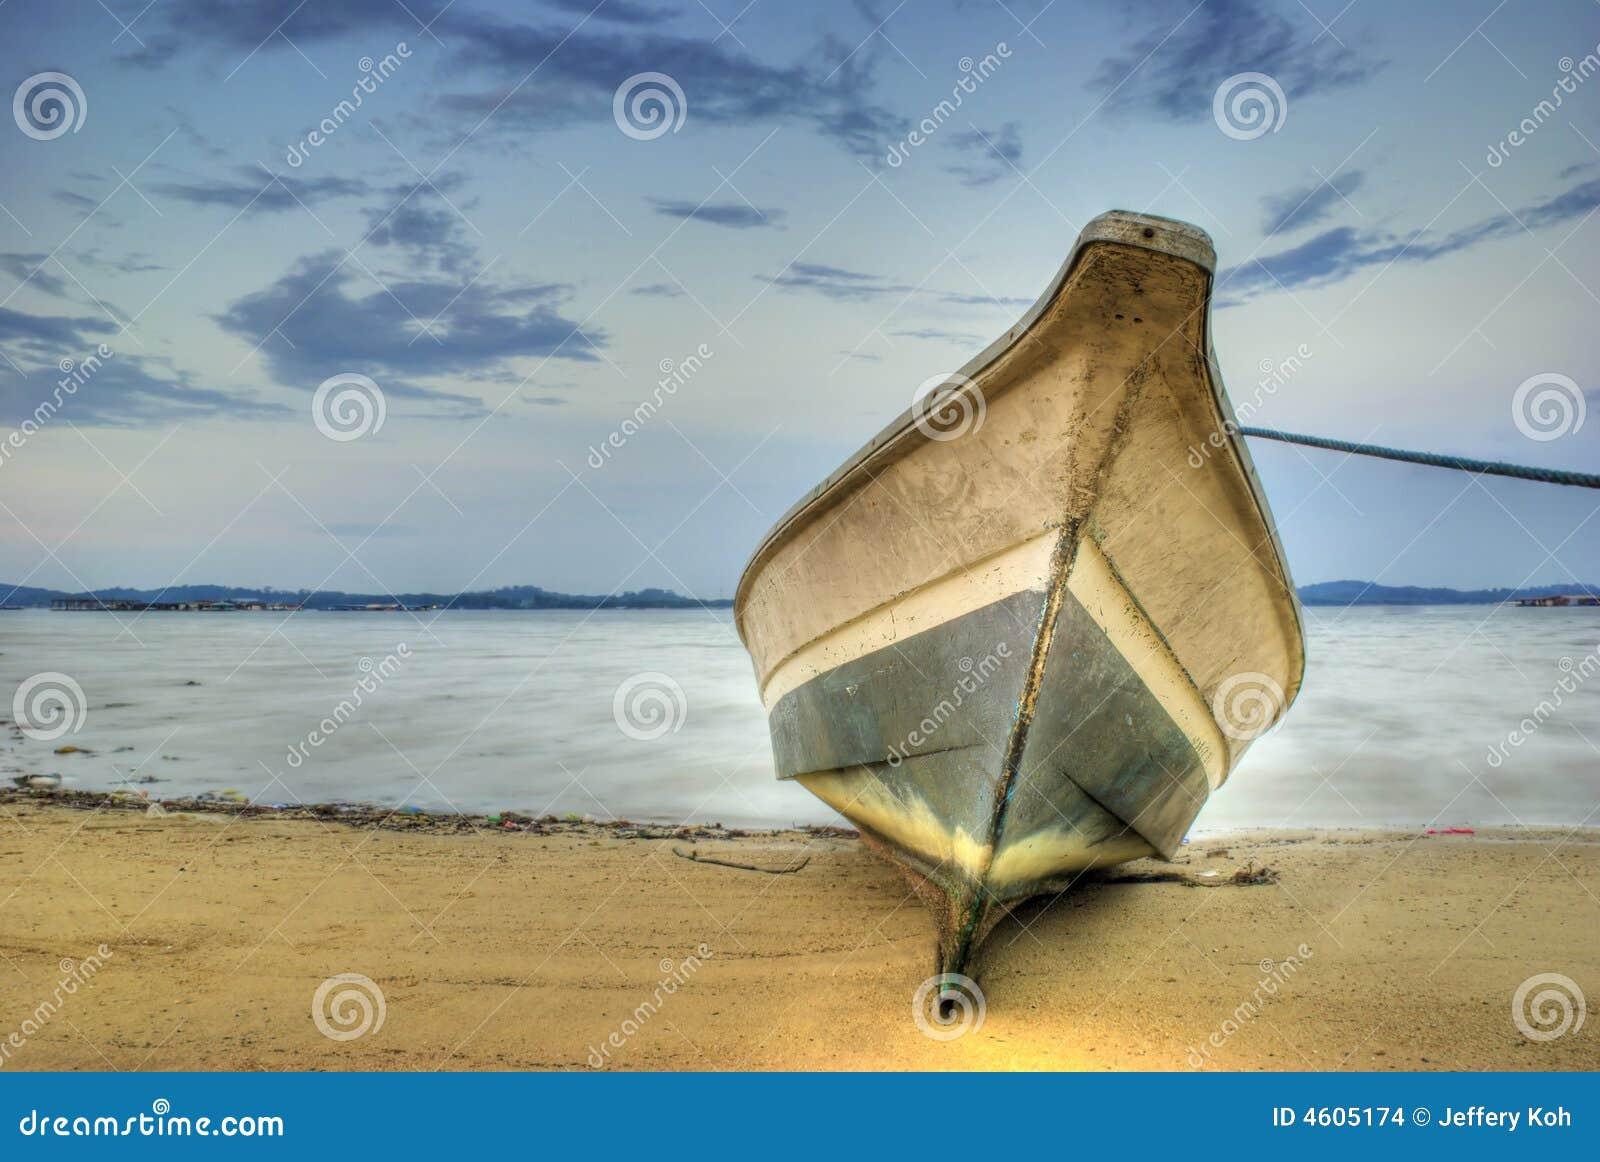 приставанная к берегу шлюпка